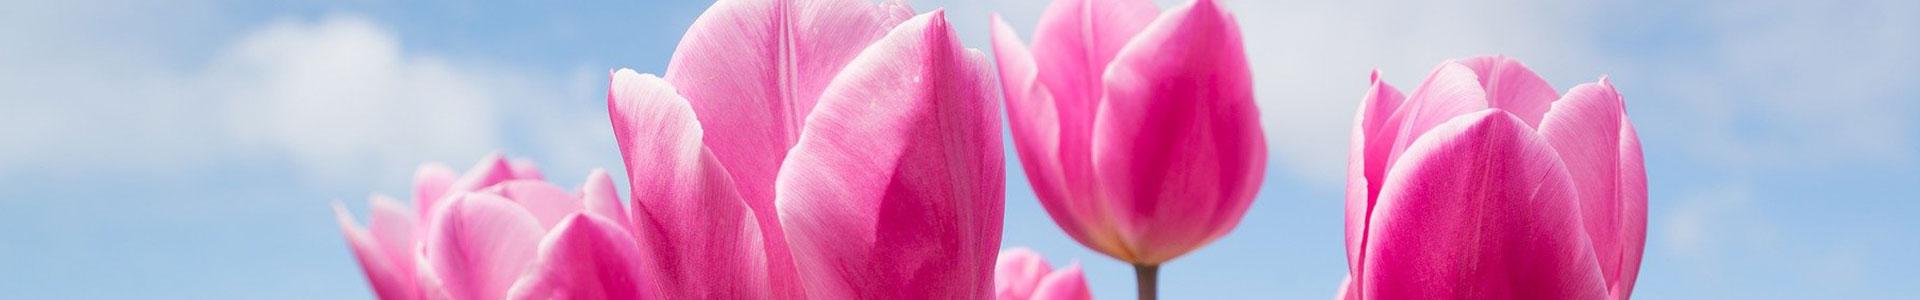 image-générique-printemps